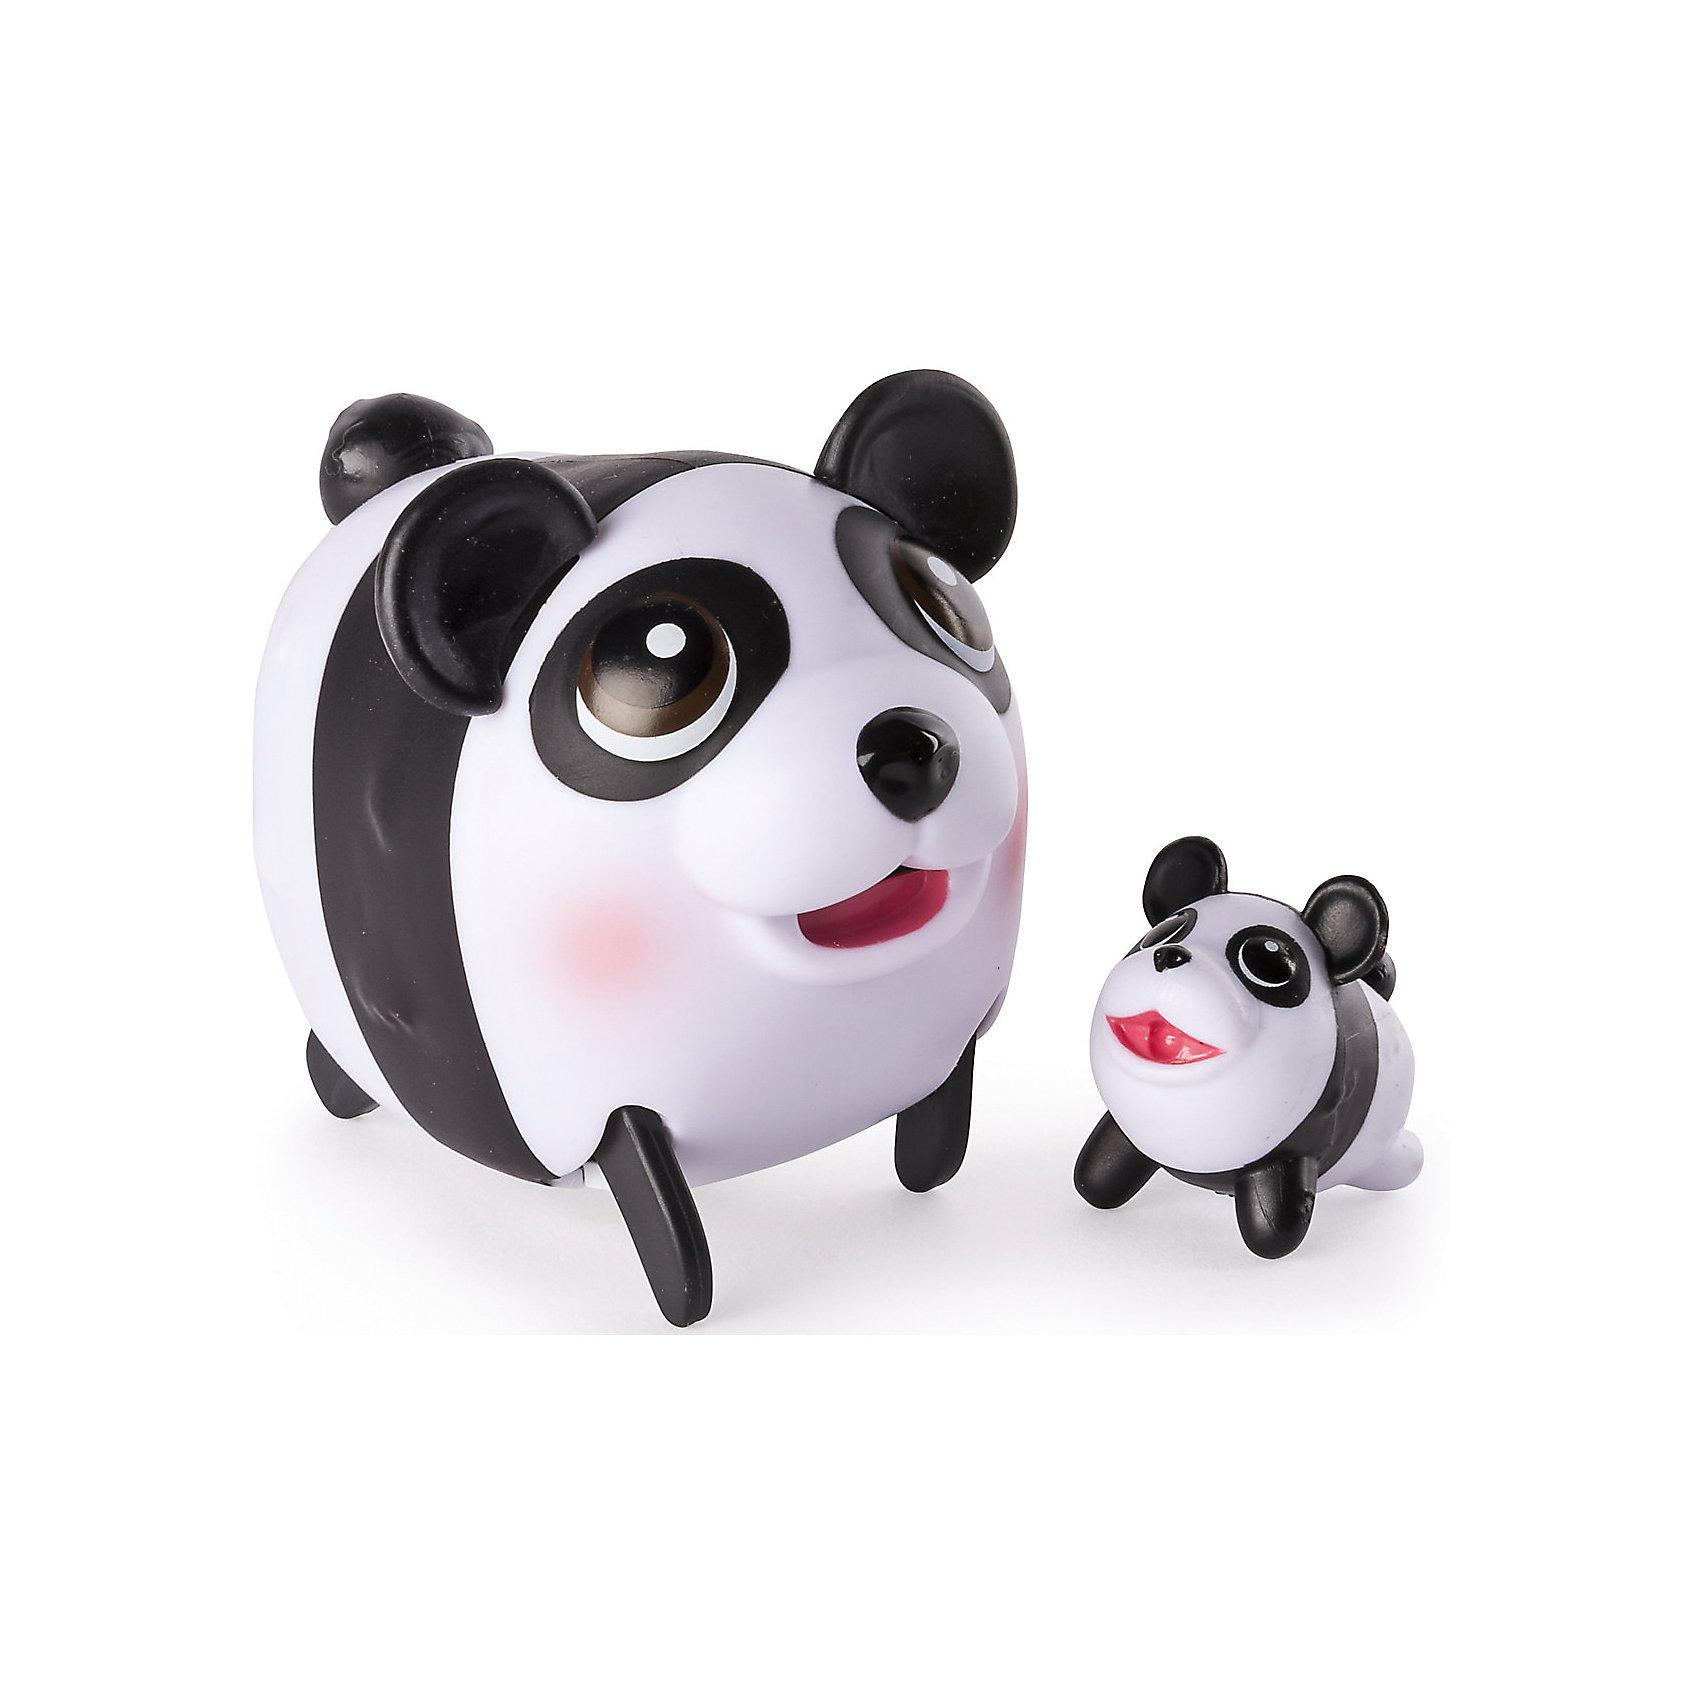 Коллекционная фигурка Панда, Chubby PuppiesМир животных<br>Характеристики товара:<br><br>- цвет: разноцветный;<br>- материал: пластик;<br>- размер упаковки: 15х8х11 см;<br>- вес: 250 г;<br>- комплектация: большая и маленькая фигурки. <br><br>Игрушки от бренда Chubby Puppies - это симпатичные животные, которые умеют забавно двигаться. Эта игрушка очень качественно выполнена, поэтому она станет отличным подарком ребенку. Такое изделие отлично тренирует у ребенка разные навыки: играя с ней, малыш развивает мелкую моторику, цветовосприятие, внимание, воображение и творческое мышление.<br>Данная модель дополнена маленькой копией животного! Из этих фигурок можно собрать целую коллекцию! Изделие произведено из высококачественного материала, безопасного для детей.<br><br>Коллекционную фигурку Панда от бренда Chubby Puppies можно купить в нашем интернет-магазине.<br><br>Ширина мм: 80<br>Глубина мм: 110<br>Высота мм: 150<br>Вес г: 250<br>Возраст от месяцев: 36<br>Возраст до месяцев: 2147483647<br>Пол: Унисекс<br>Возраст: Детский<br>SKU: 5094042